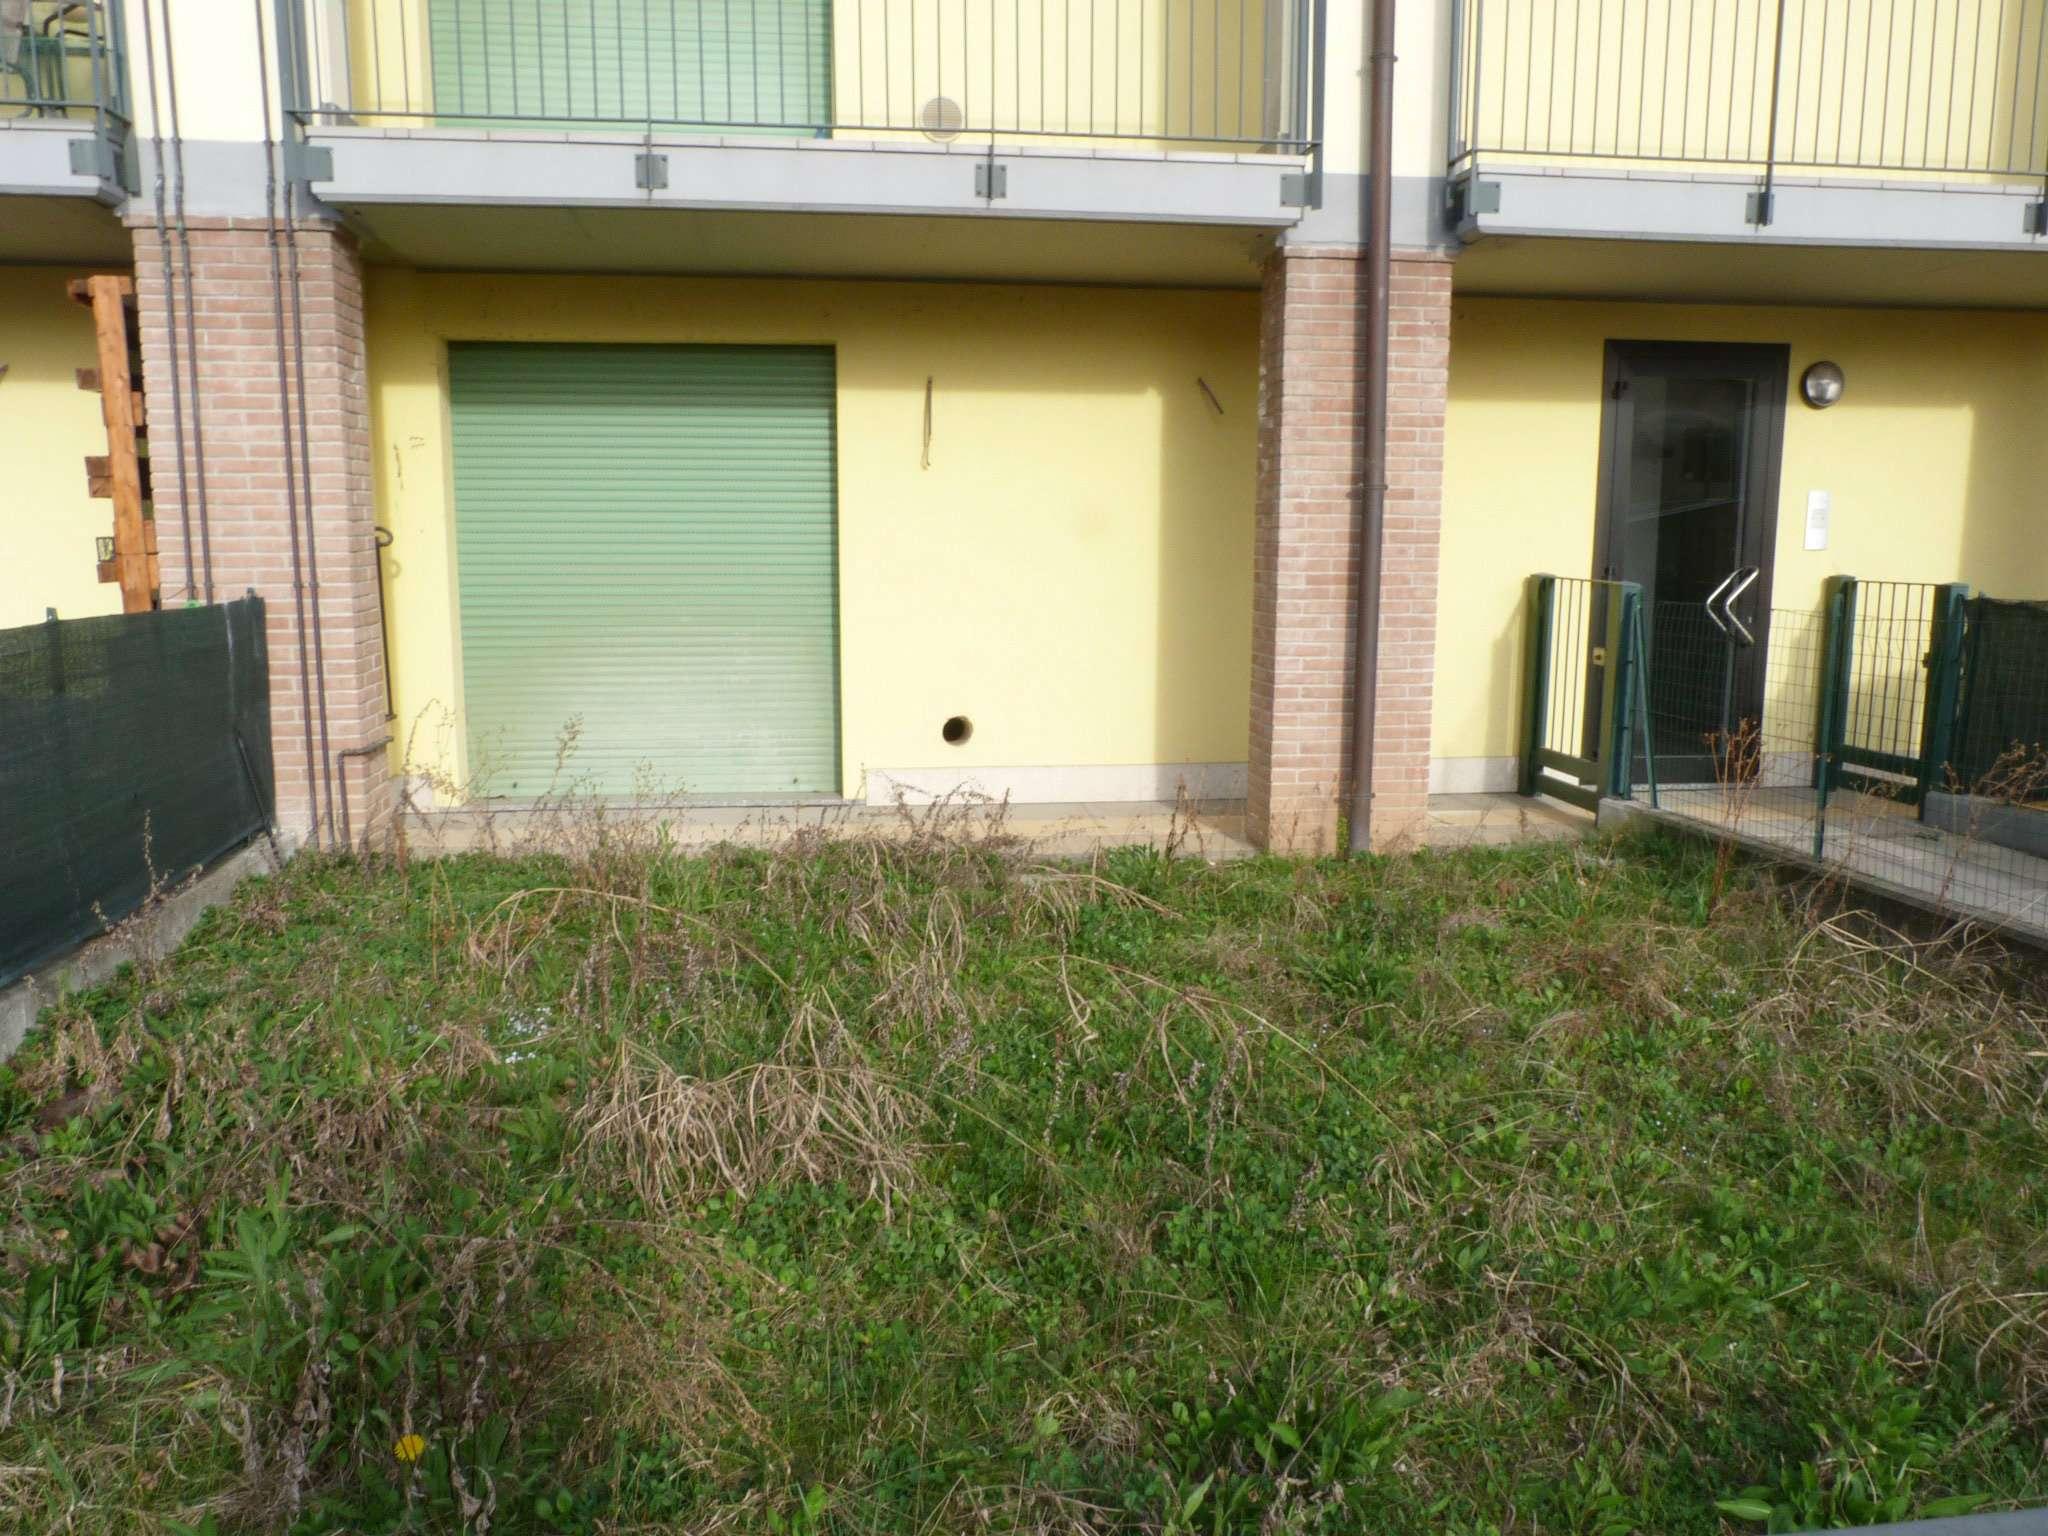 Appartamento in vendita a Solbiate Olona, 3 locali, prezzo € 141.000 | CambioCasa.it